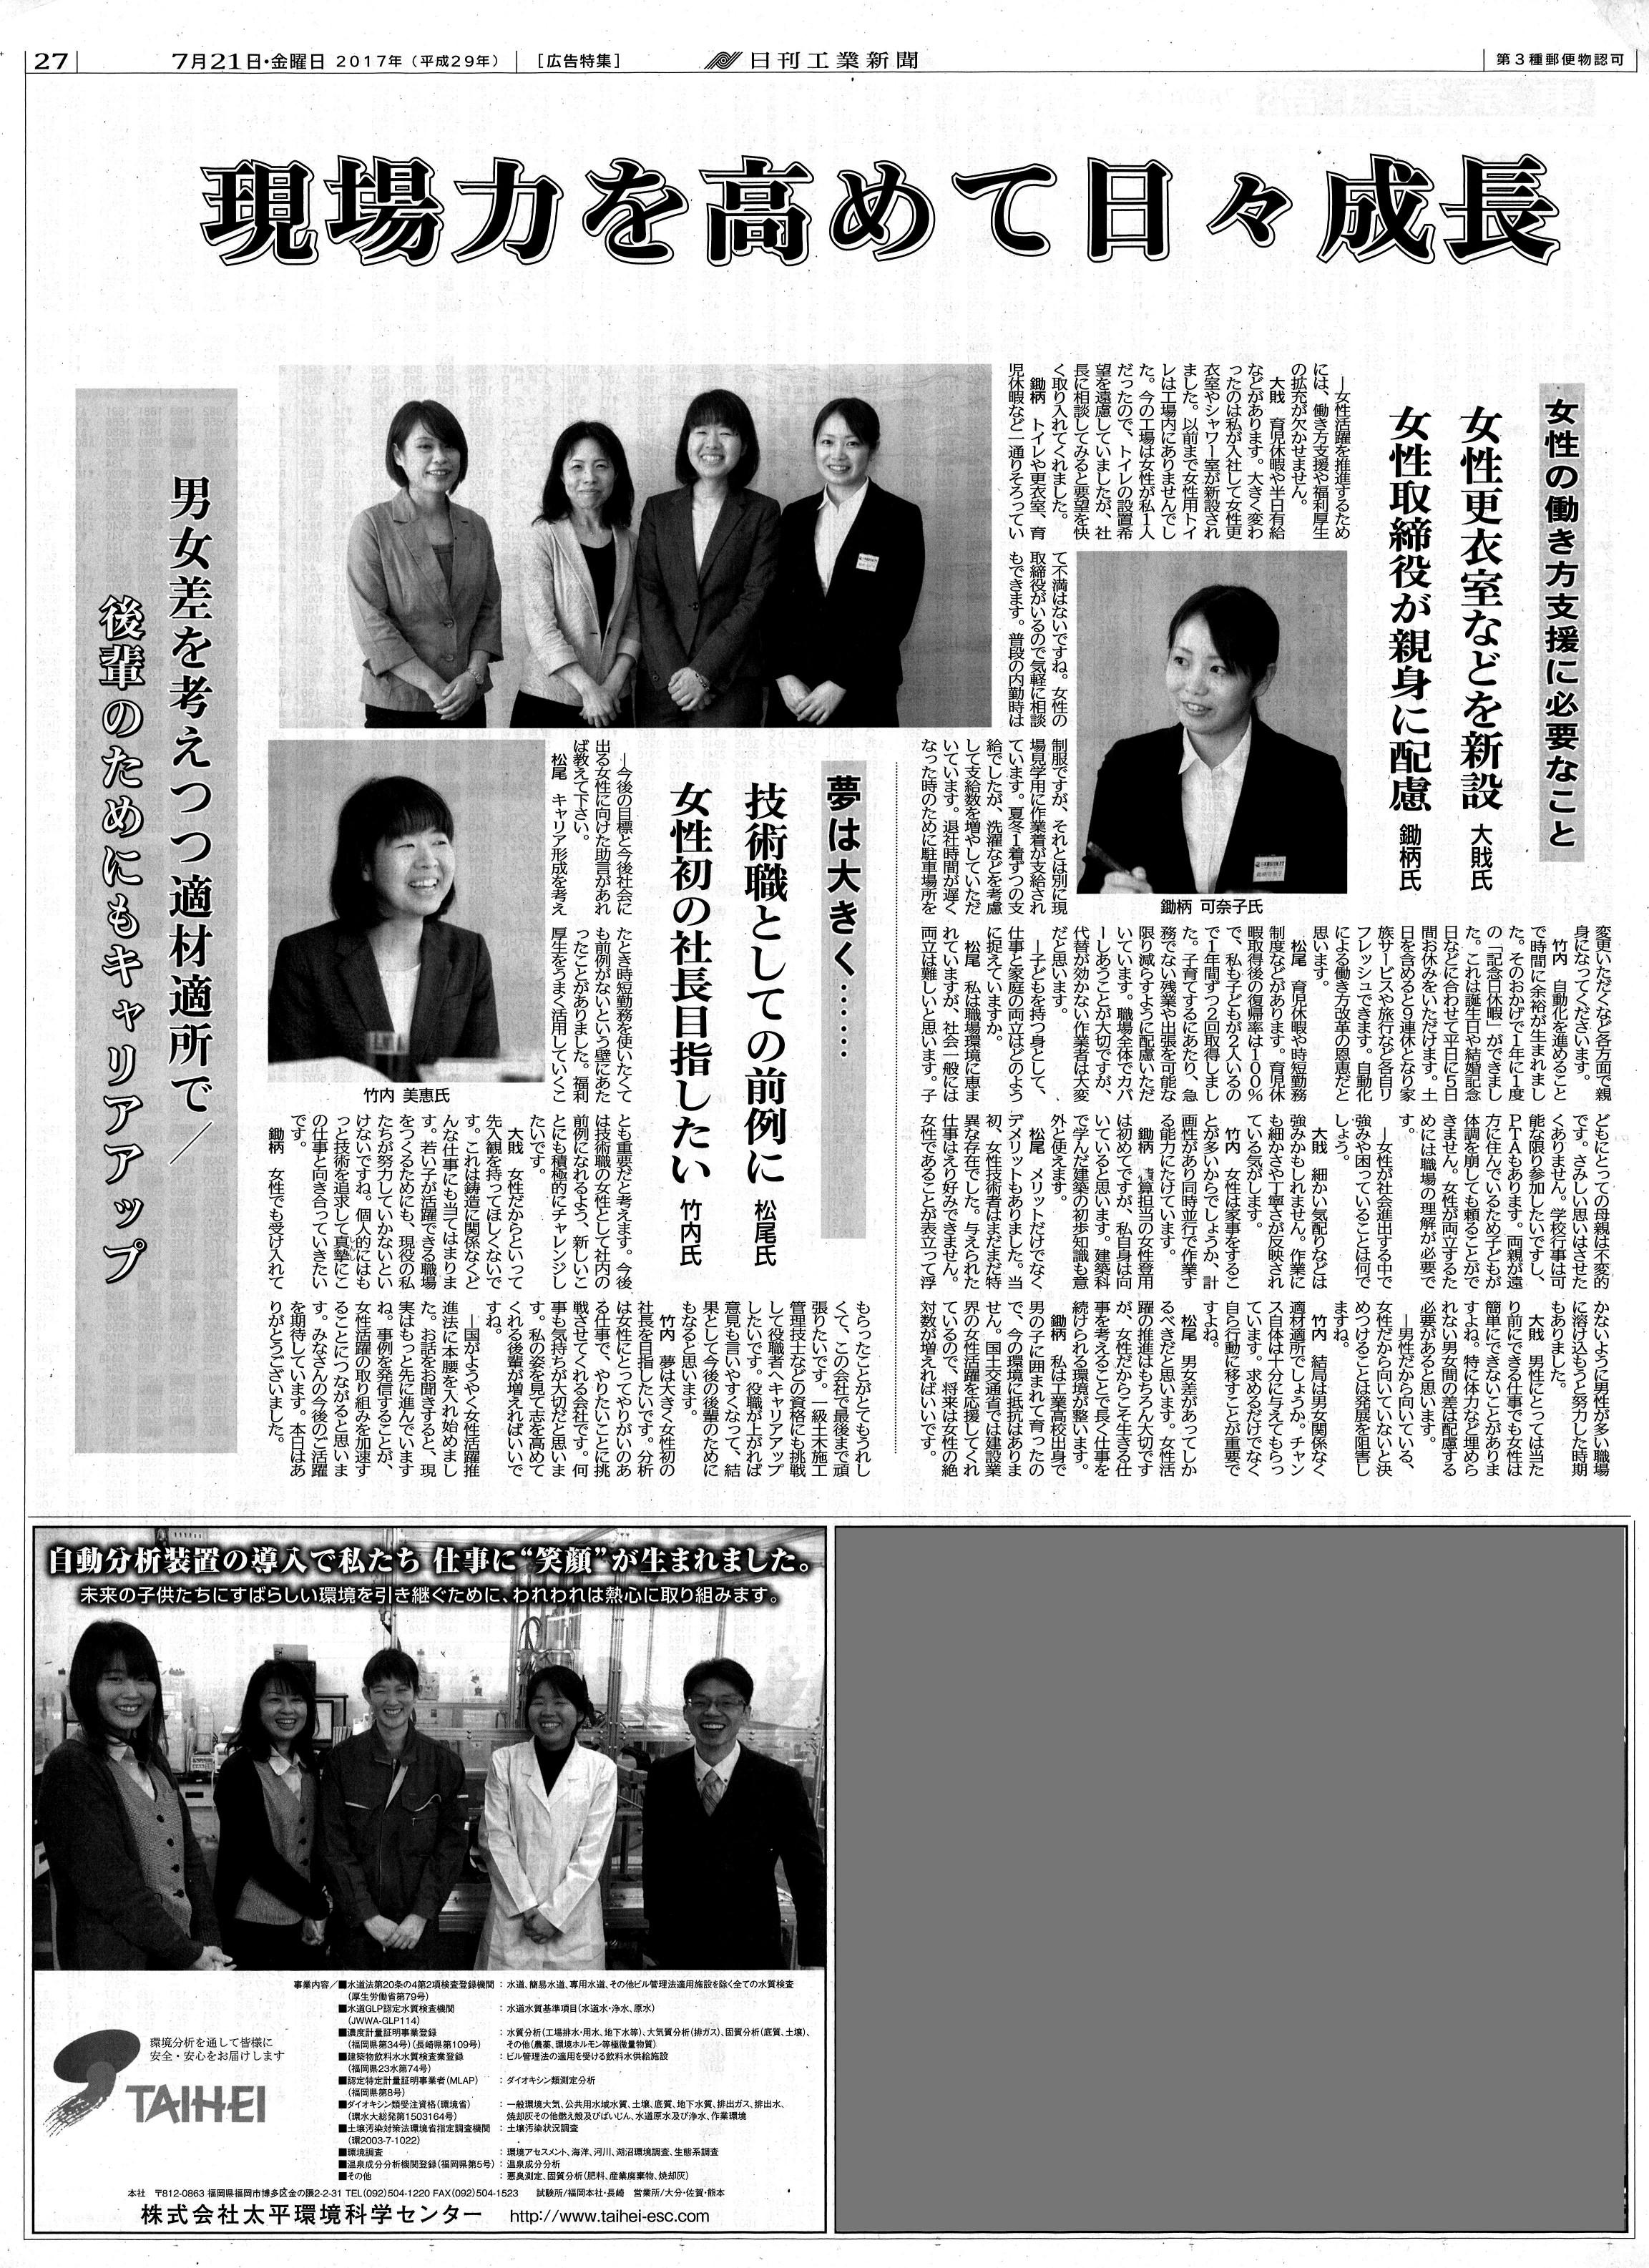 九州の女性プロフェッショナル左面のコピー